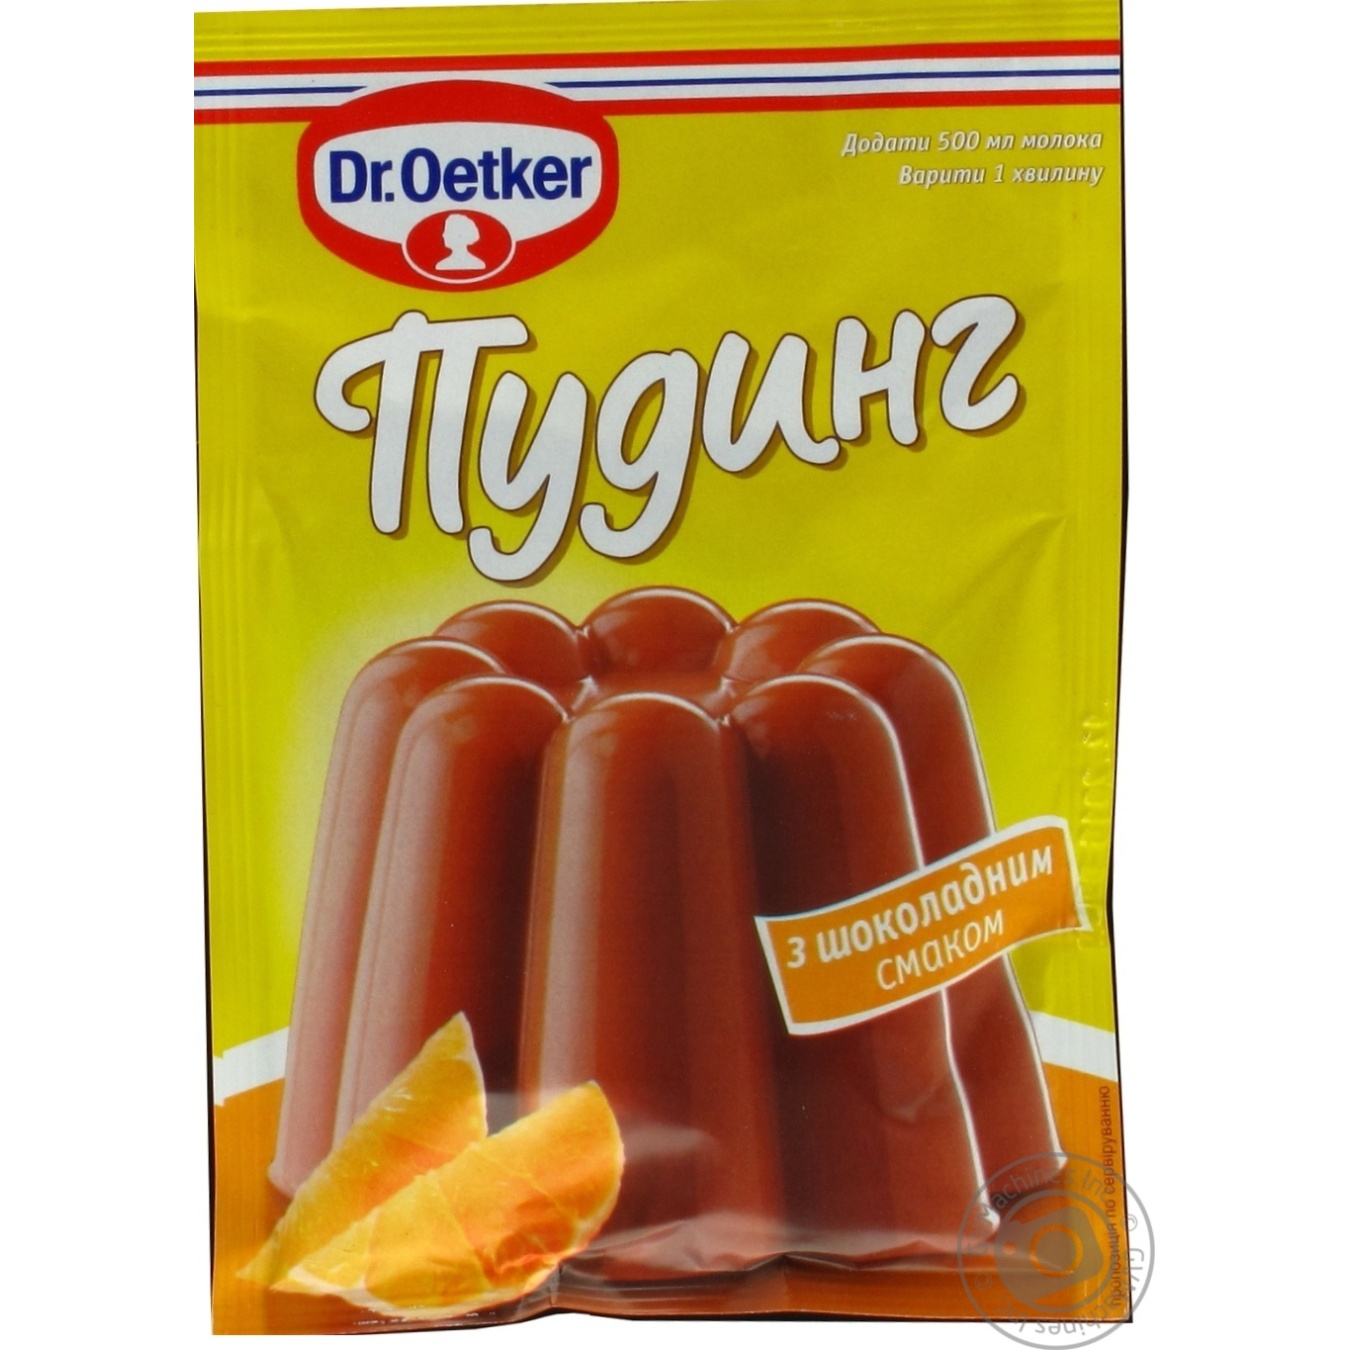 Пудинг Др.Оеткер с шоколадным вкусом 50г